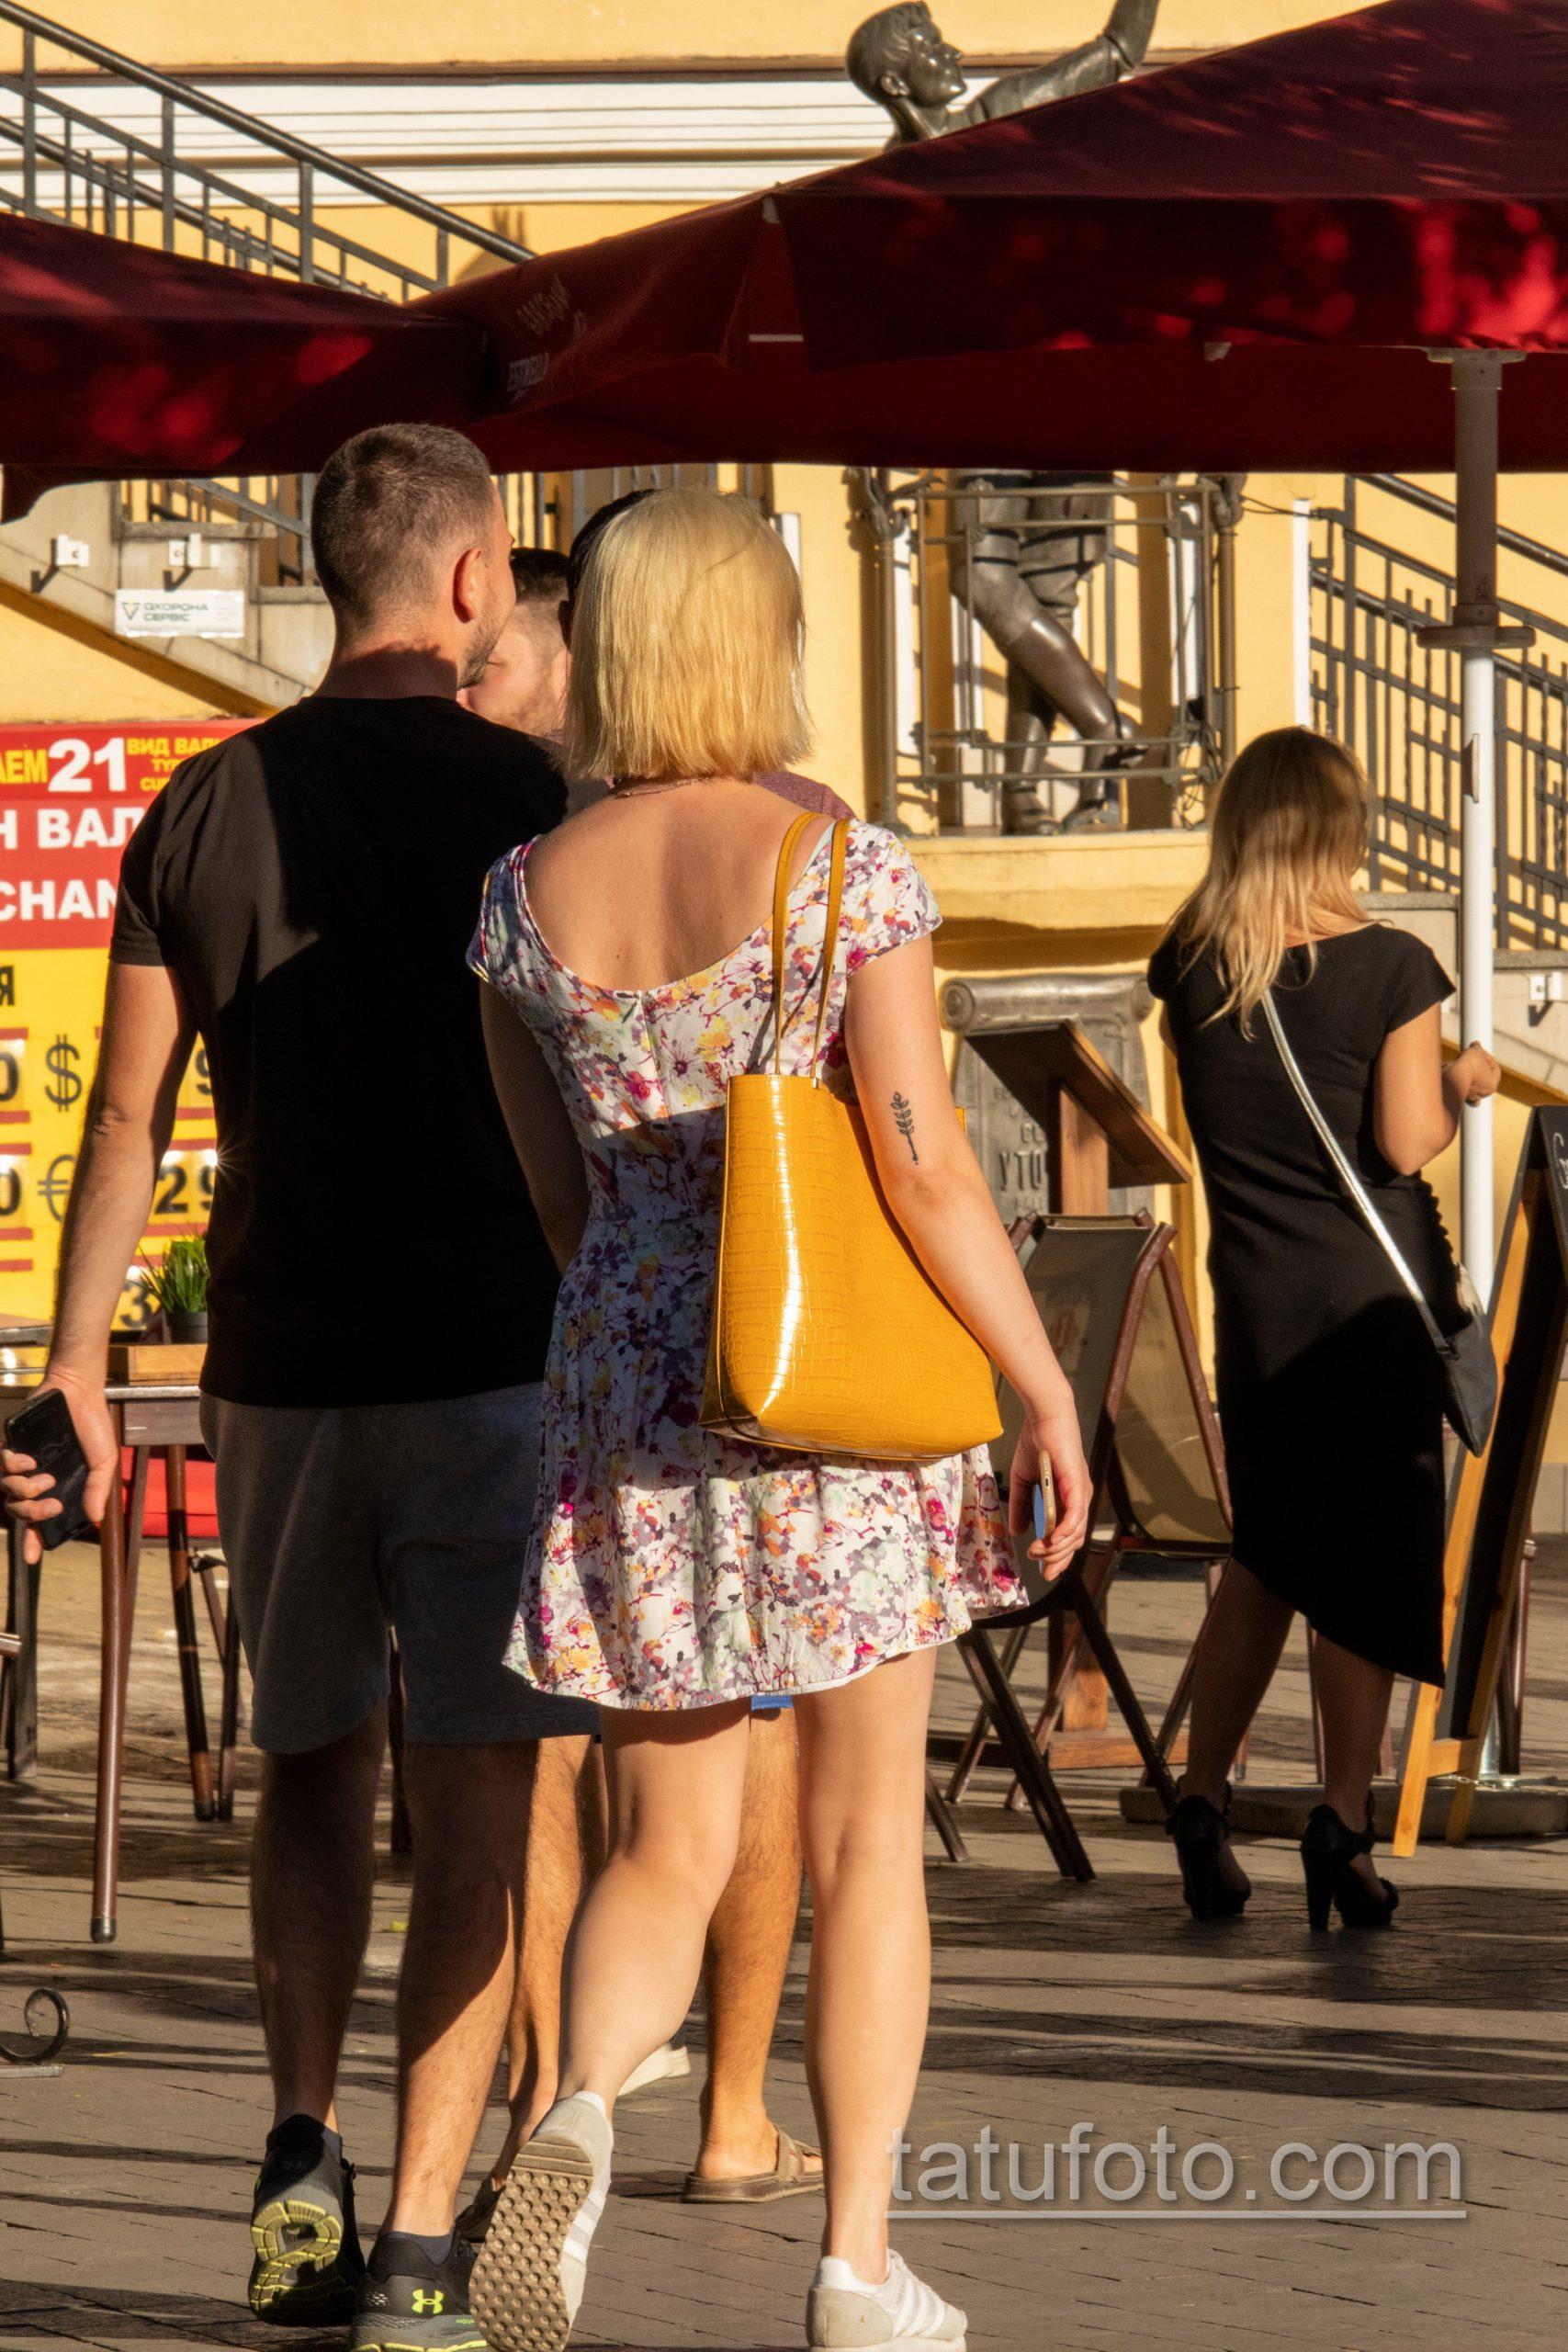 Татуировка с колоском на руке у девушки – Уличная татуировка 14.09.2020 – tatufoto.com 6